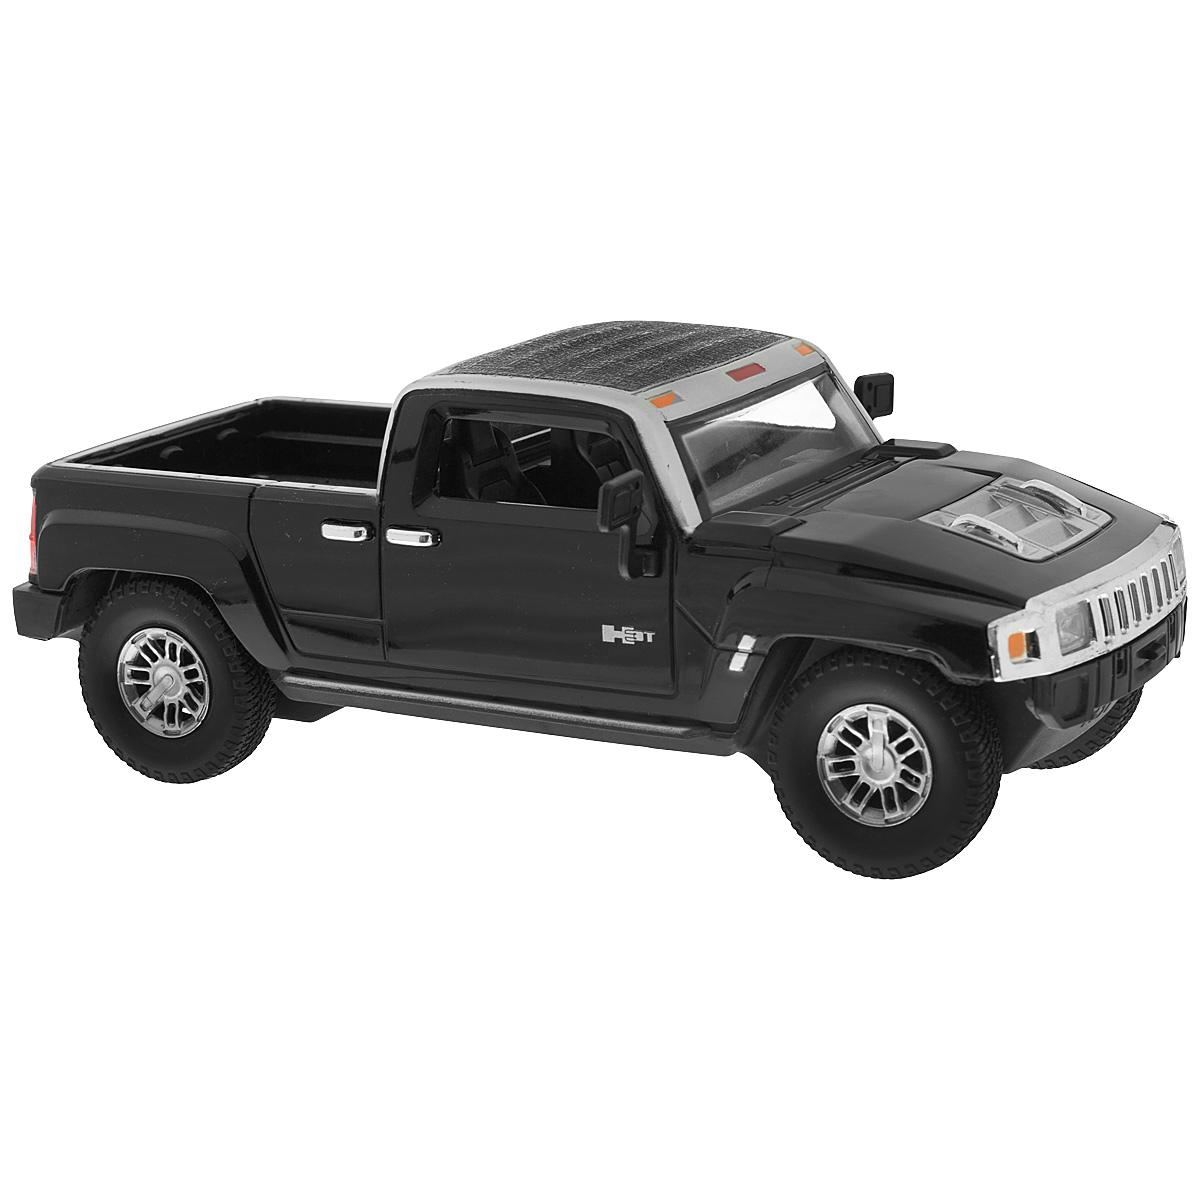 Guokai Модель автомобиля Hummer H3T цвет черный866-82434_черныйИнерционная машинка Guokai Hummer H3T, выполненная из высококачественного пластика, станет любимой игрушкой вашего малыша. Игрушка представляет собой модель джипа марки Hummer. Игрушка оснащена инерционным ходом. Машинка может ехать как вперед, так и назад. Прорезиненные колеса обеспечивают надежное сцепление с любой гладкой поверхностью. При движении у машинки загораются фары и звучат реалистичные звуковые эффекты. Ваш ребенок будет часами играть с этой игрушкой, придумывая различные истории. Порадуйте его таким замечательным подарком! Рекомендуется докупить 3 батарейки напряжением 1,5V типа АА (товар комплектуется демонстрационными).